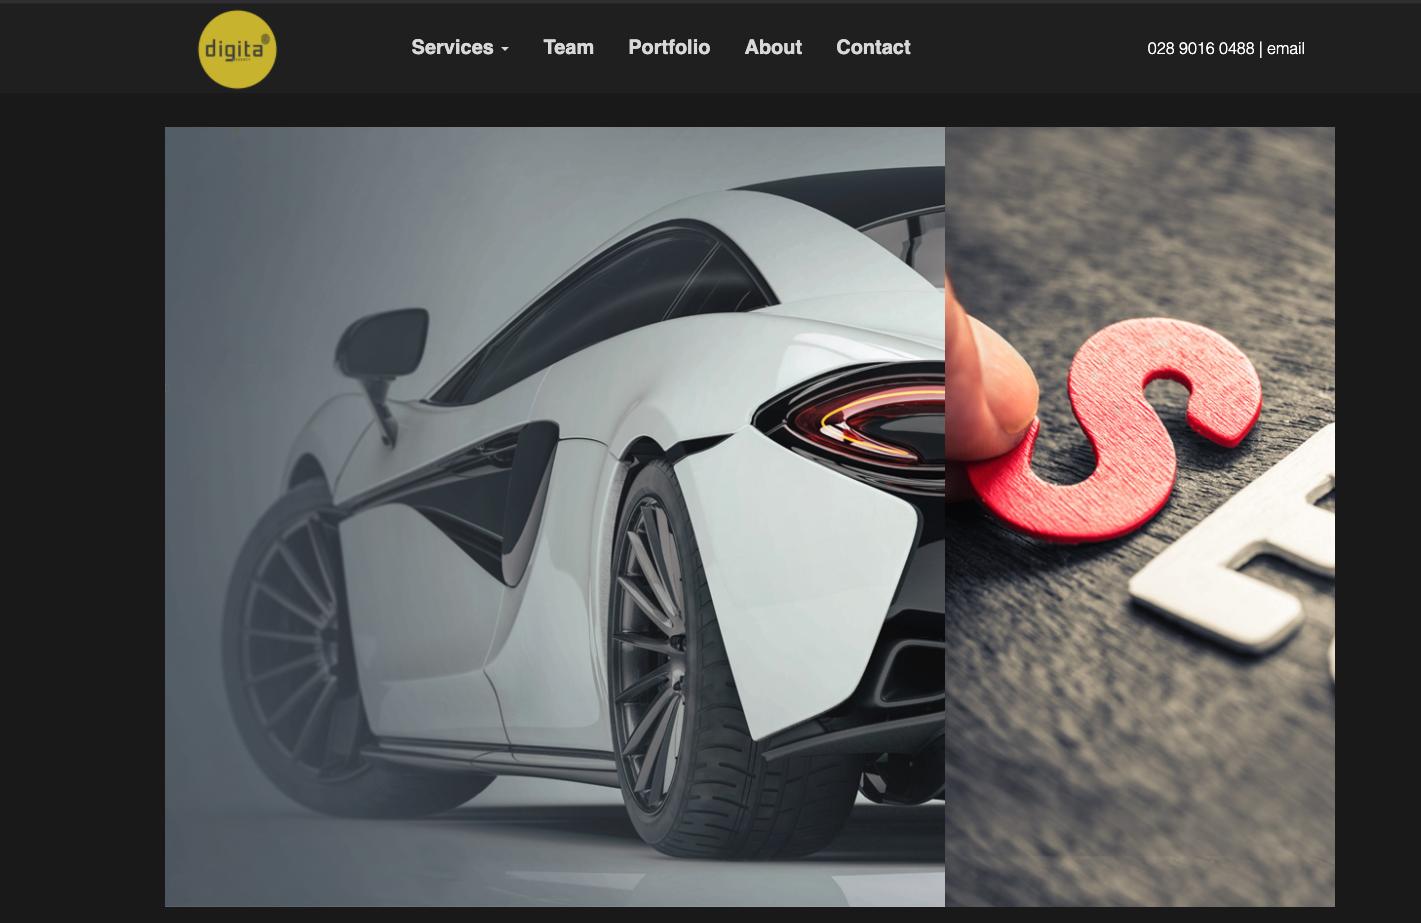 digita-agency-website